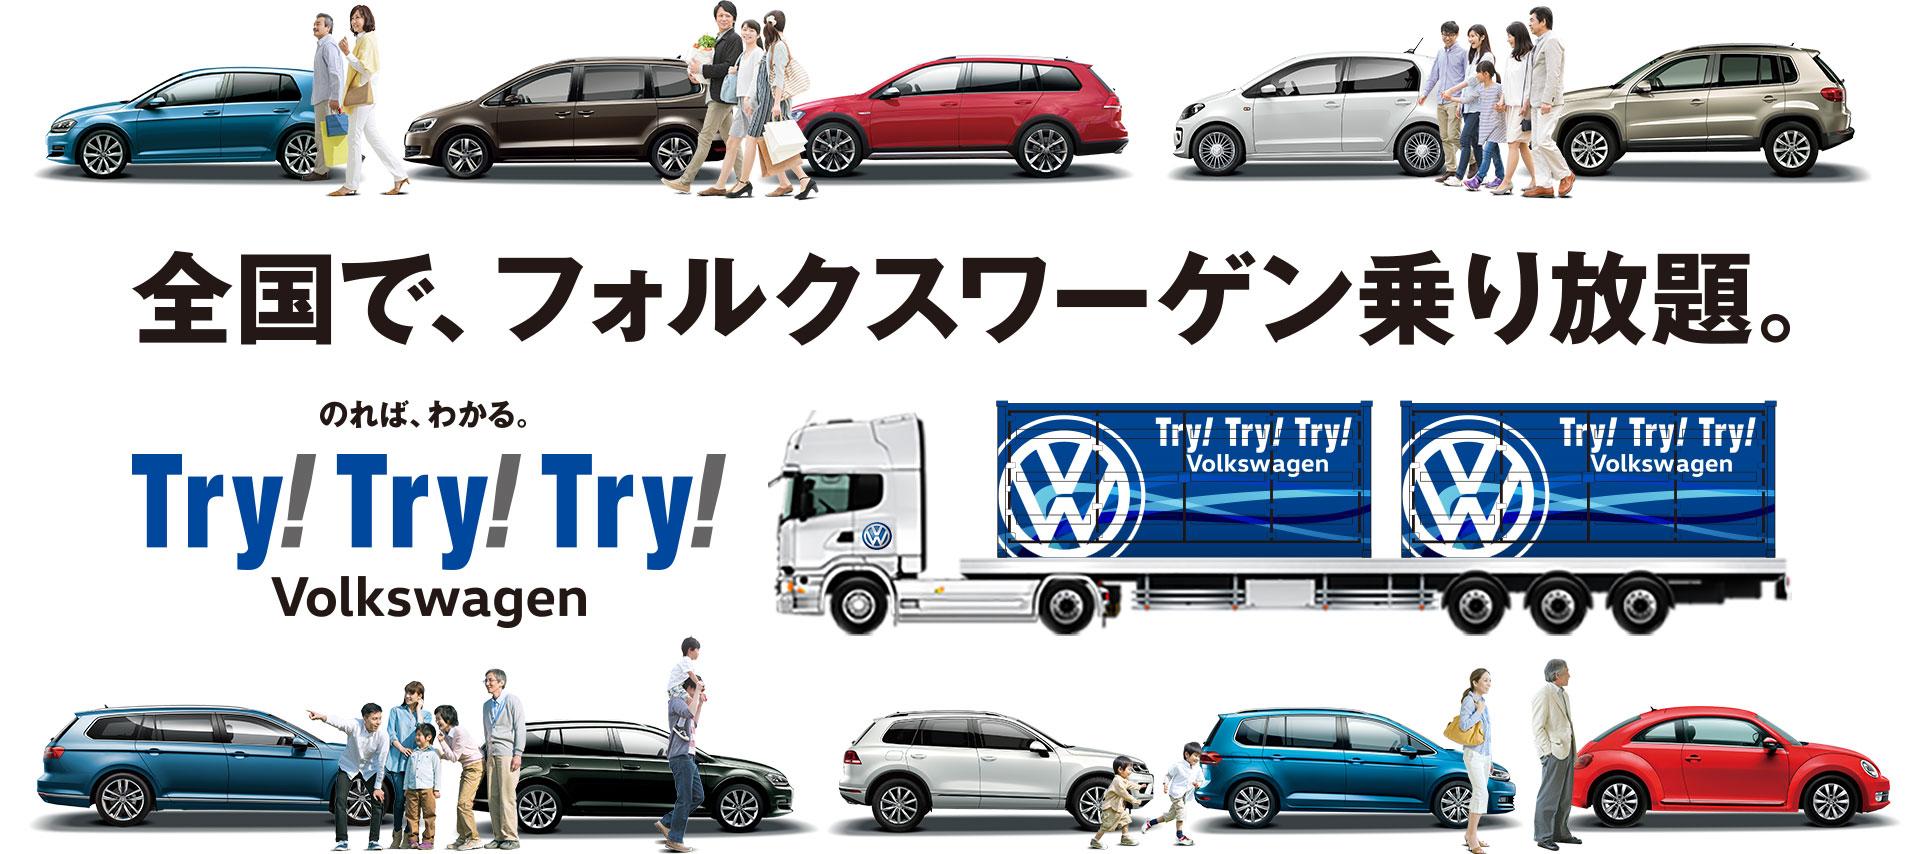 のれば、わかる。Try!Try!Try! Volkswagen 全国で、フォルクスワーゲン乗り放題。